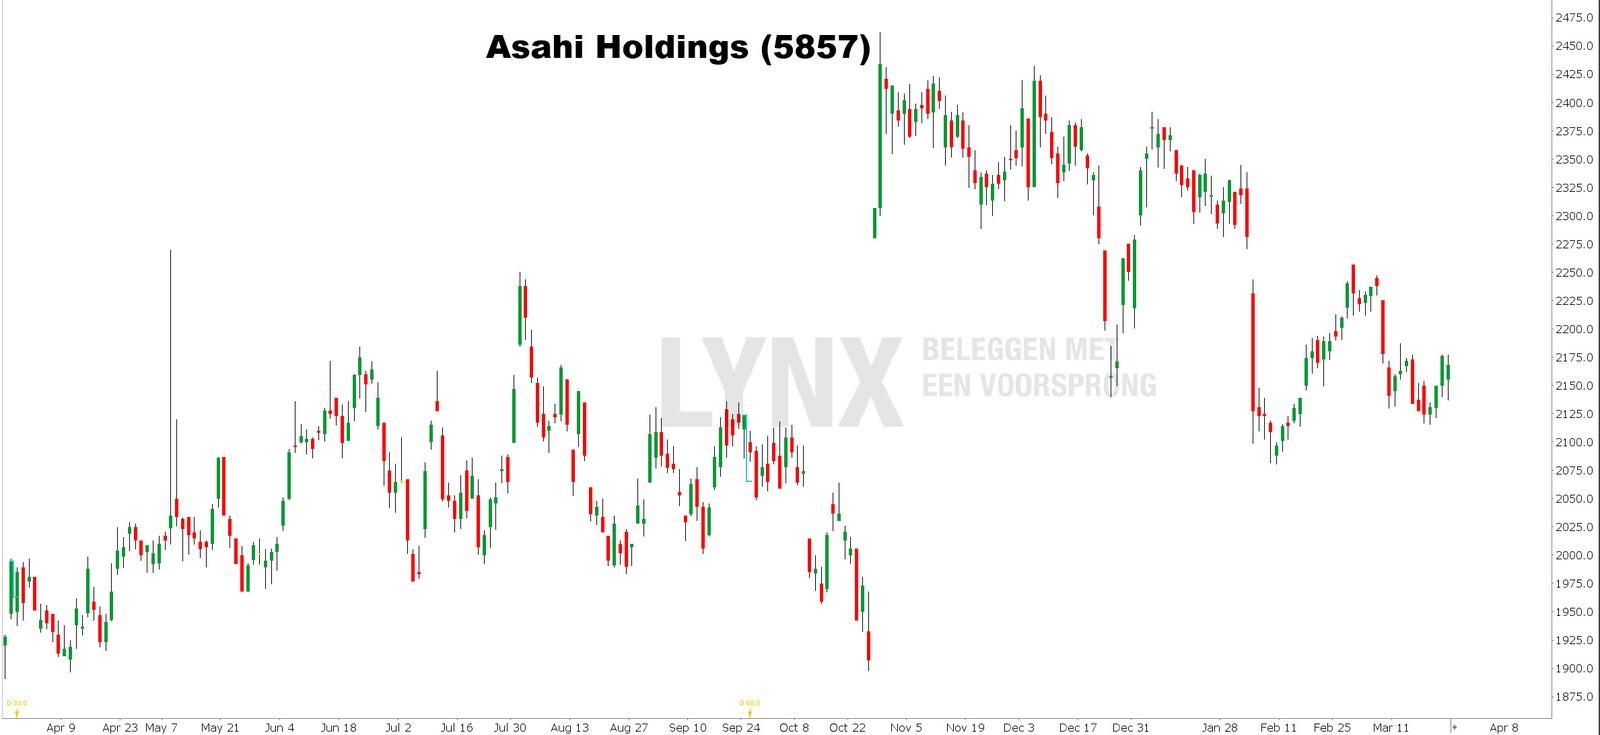 Koers Asahi Holdings beste platina aandelen - beleggen in platina